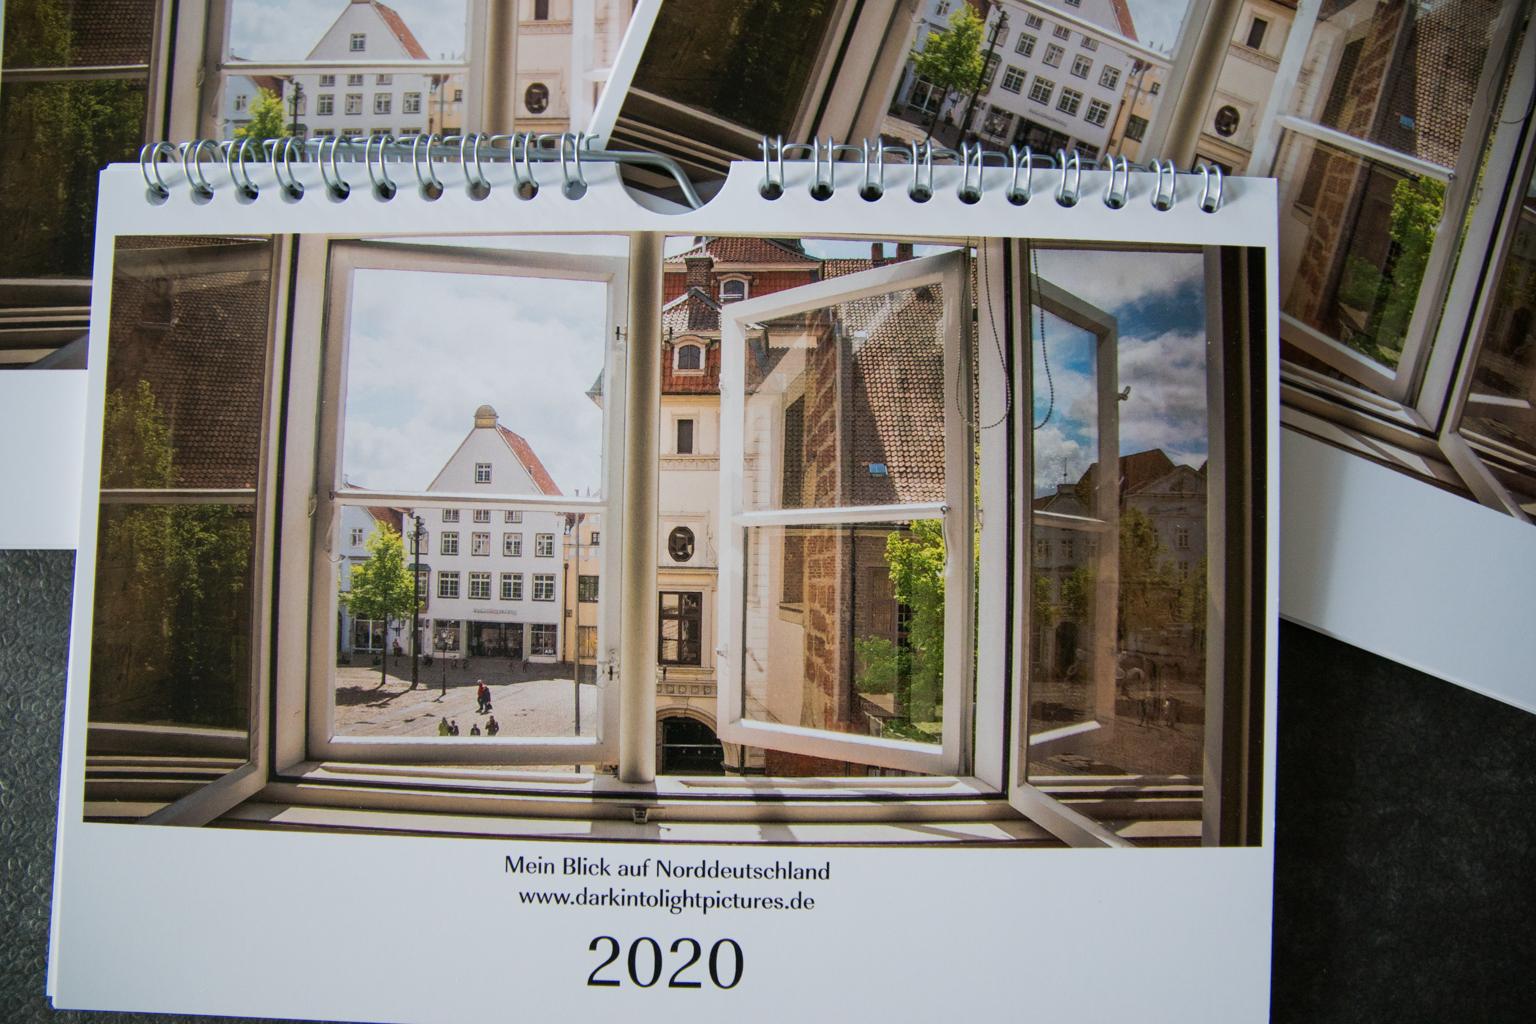 Der erste darkintolightpictures Kalender ist gedruckt